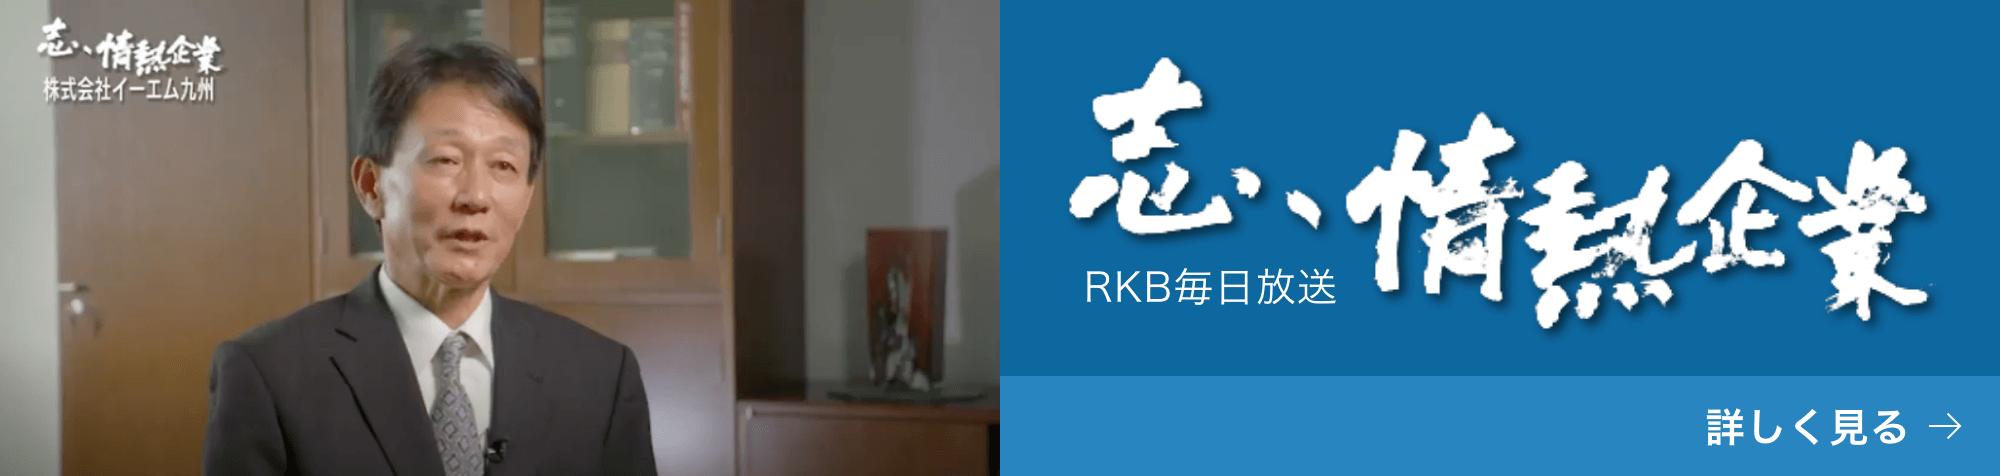 志、情熱企業RKB毎日放送